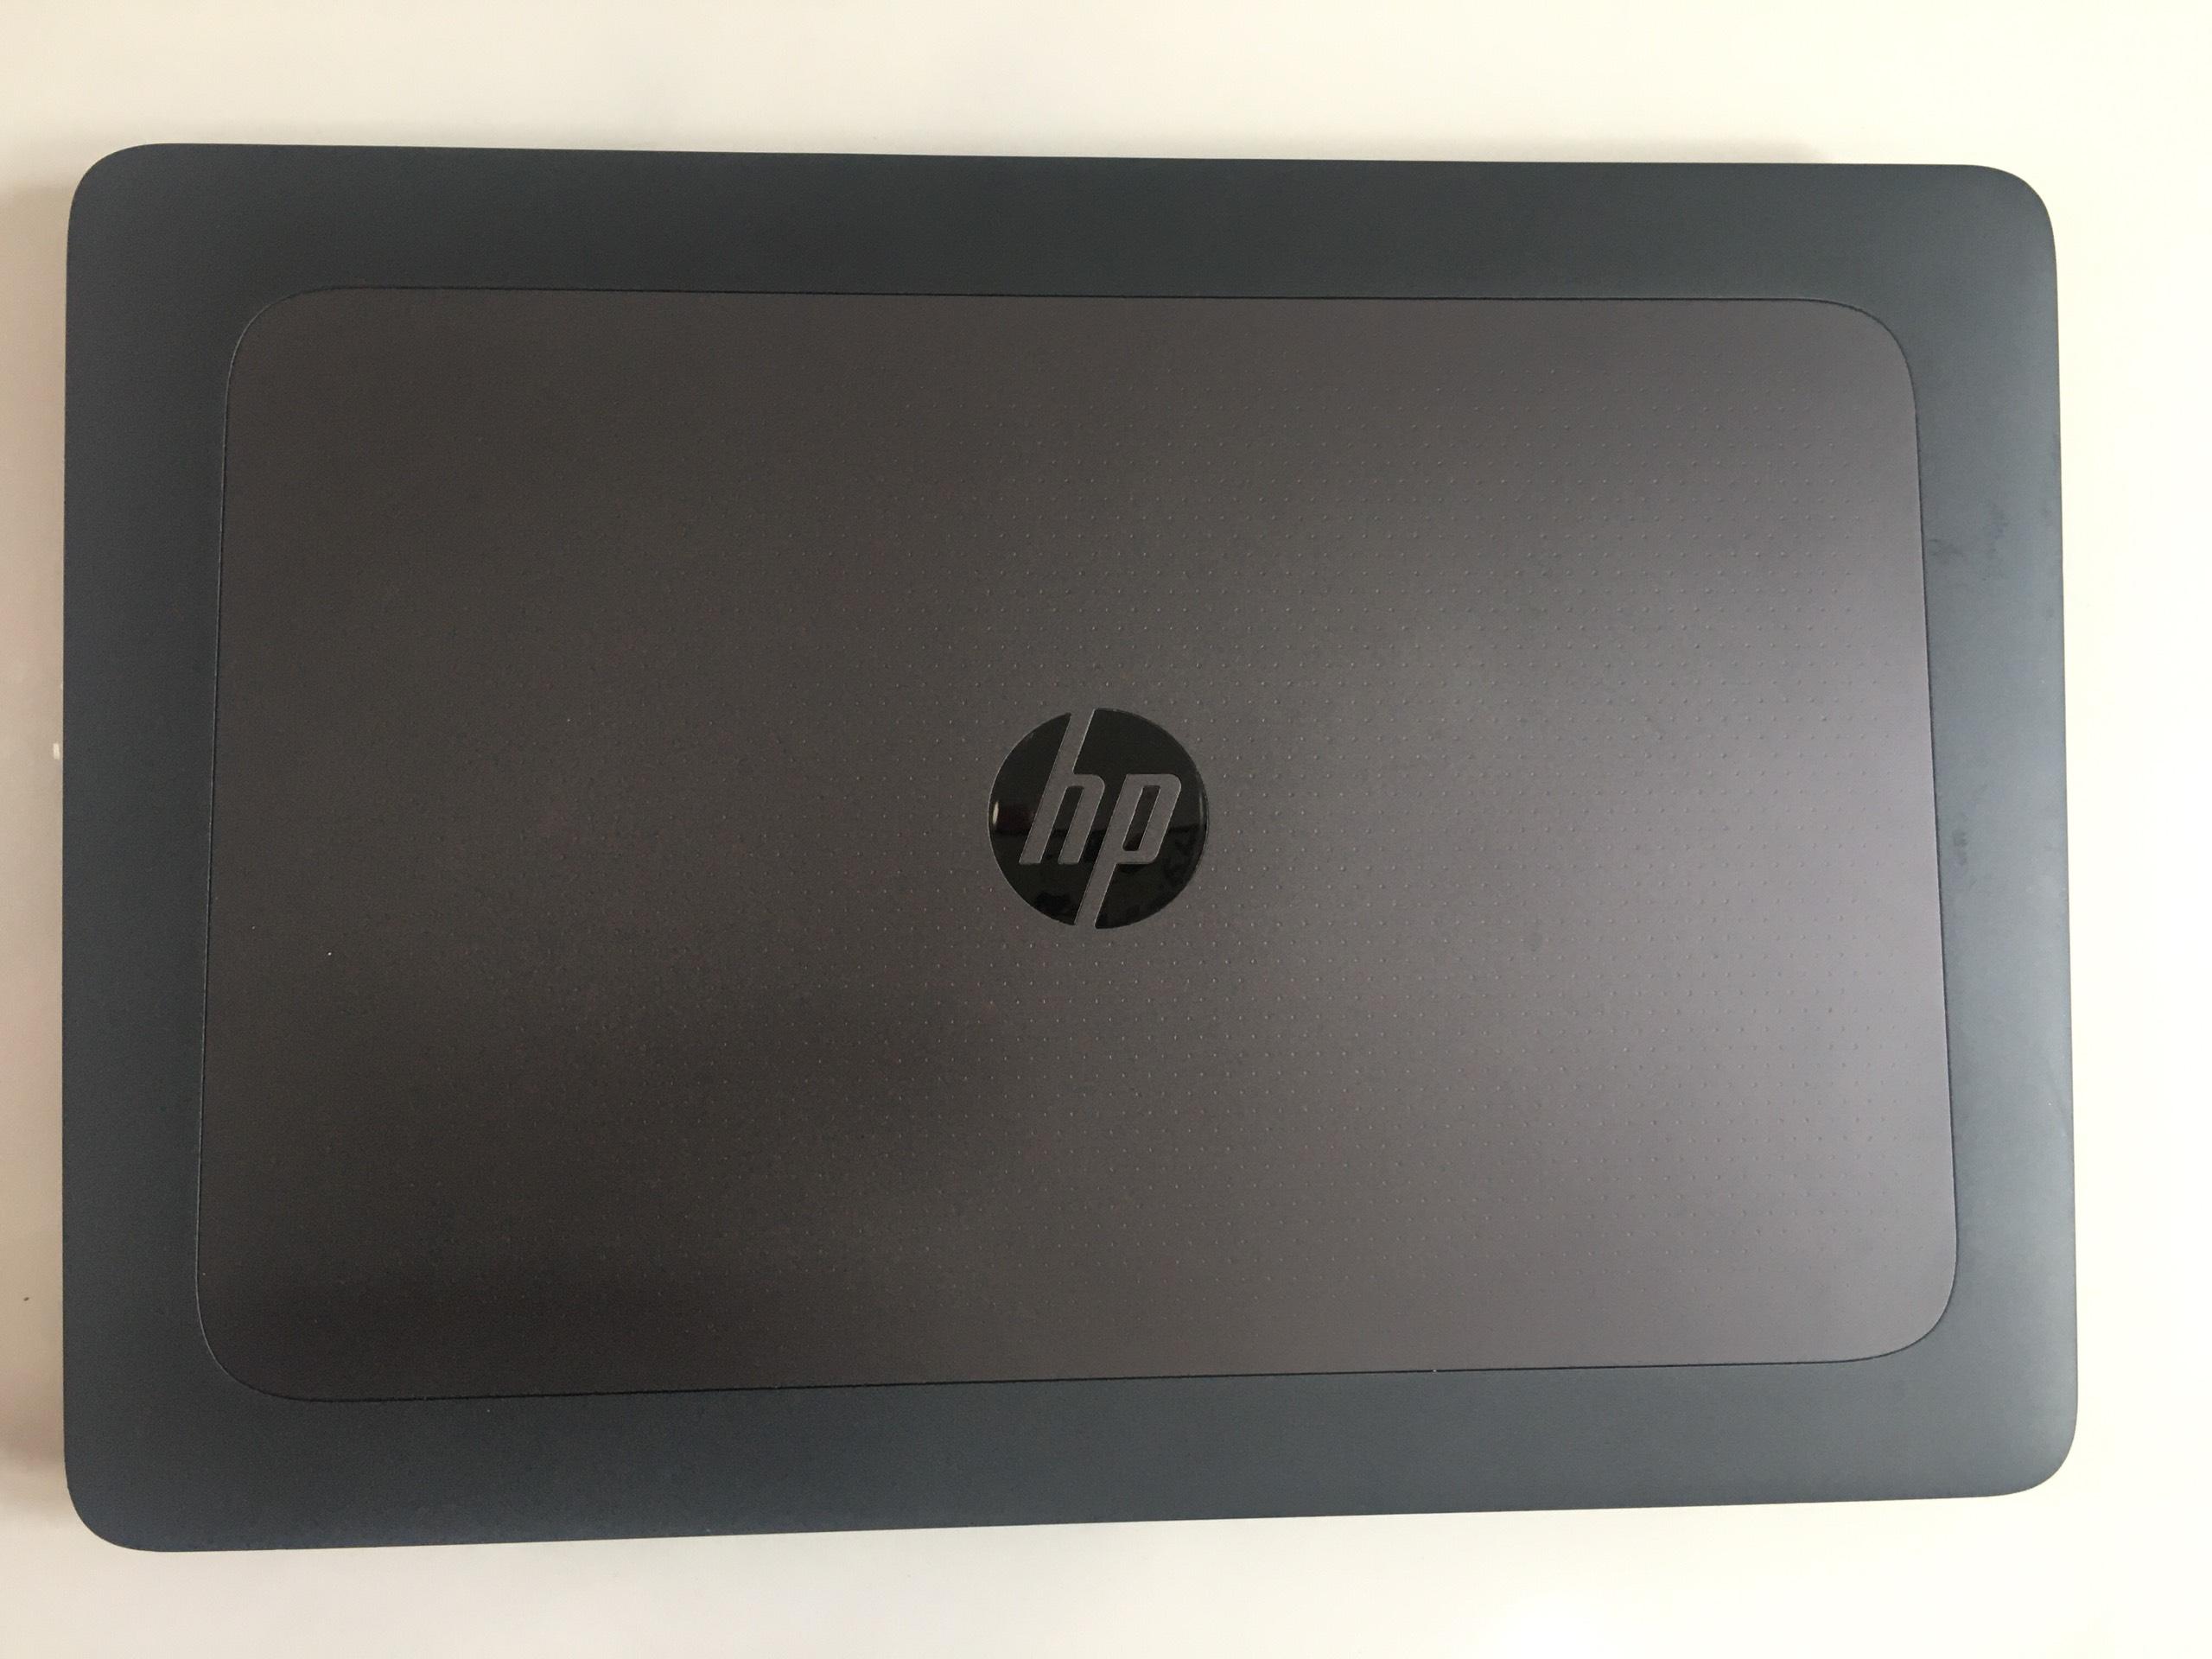 laptop-hp-zbook-15-g3-core-i7-6820hq-19_1